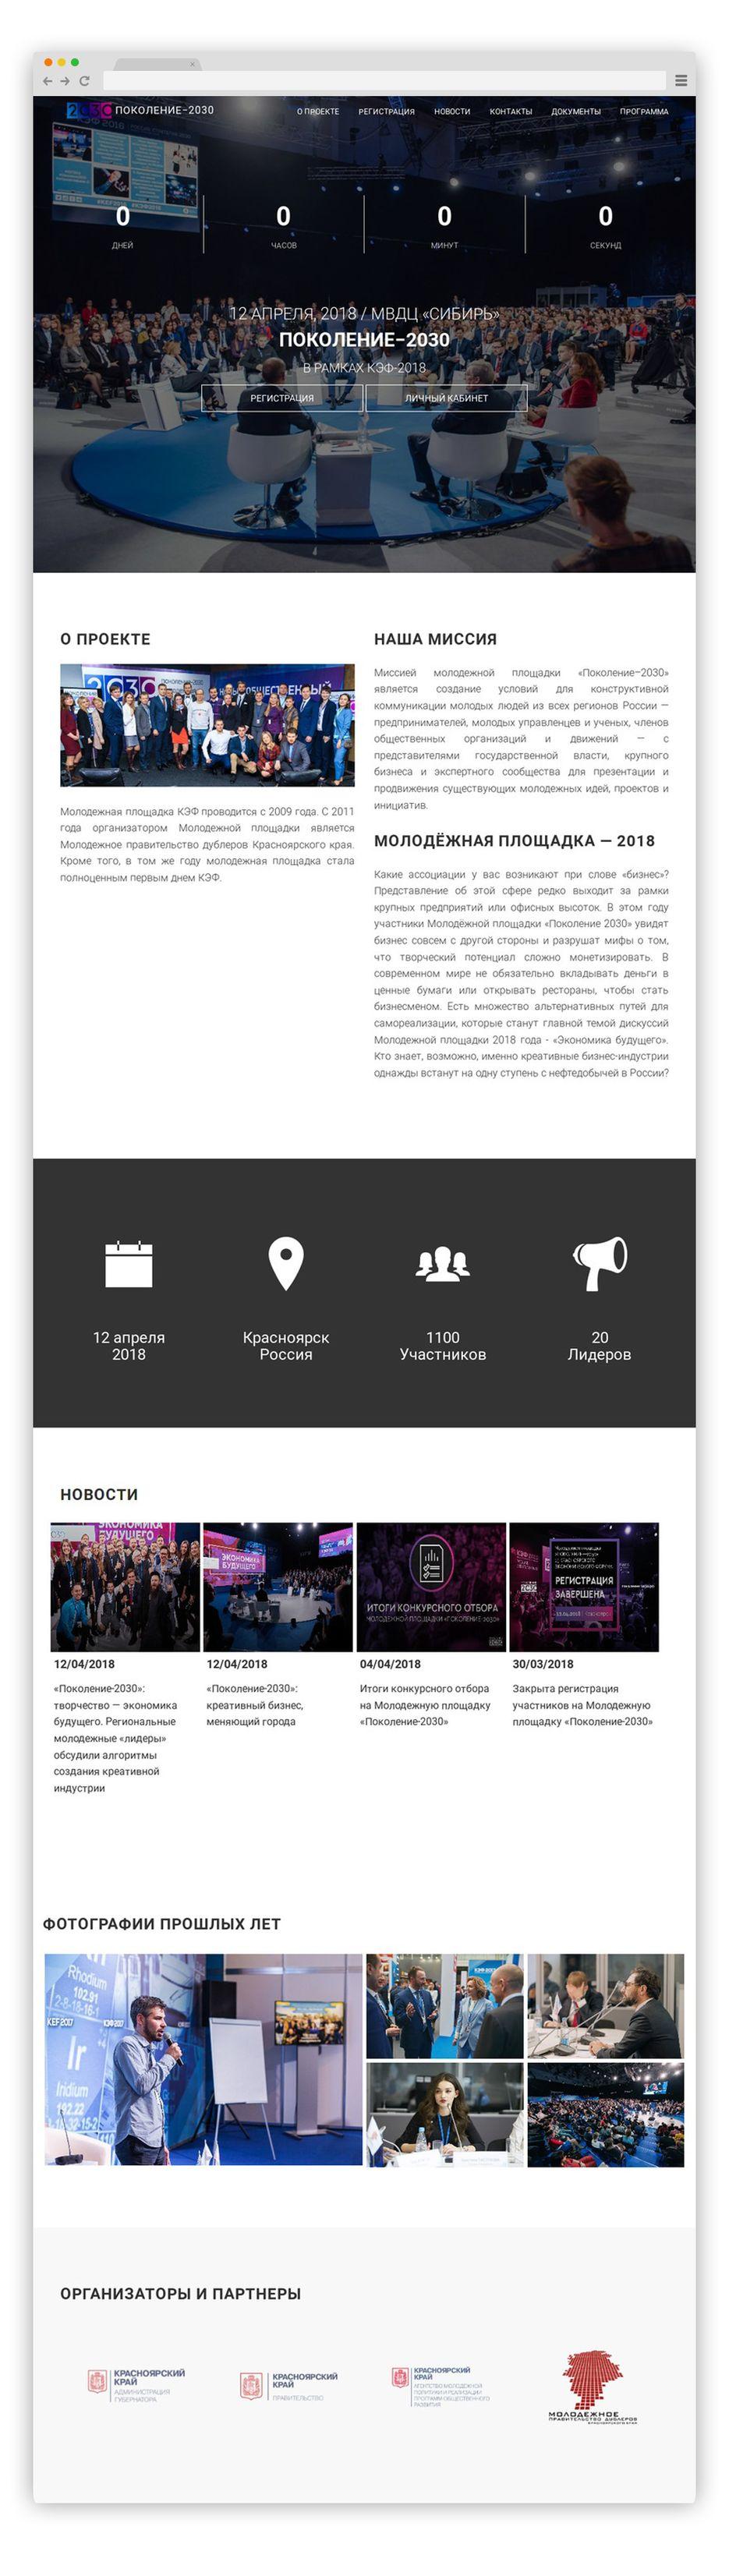 Фрилансеры сайт красноярск freelancer мод другая реальность